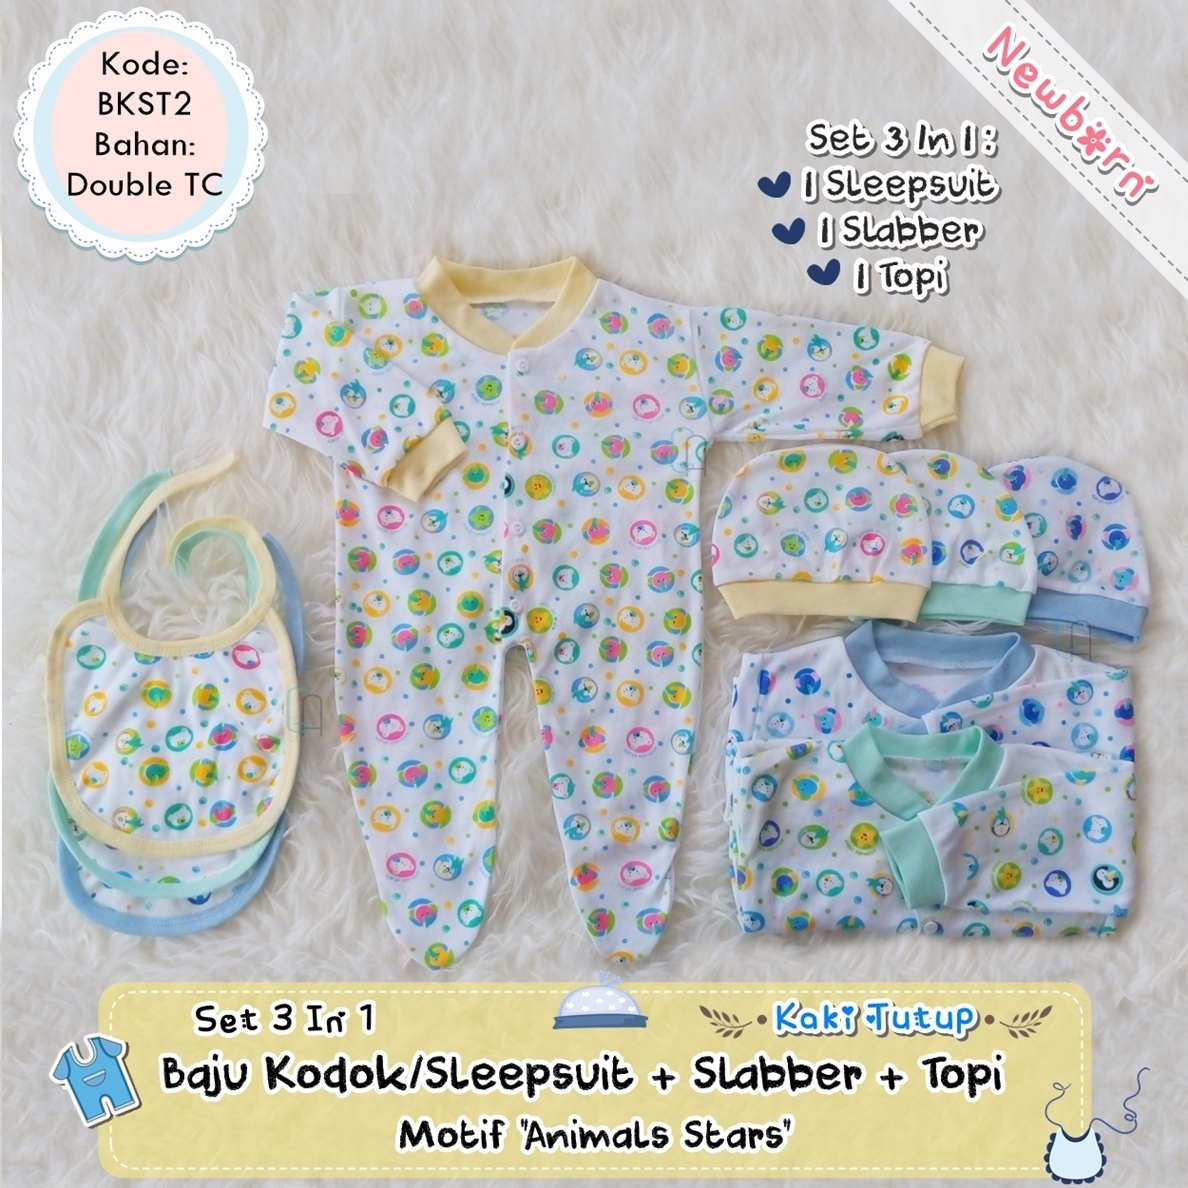 Jual Set 3pcs Setelan Baju Bayi Newborn Celana Panjang Tutup Polos Warna Tanpa Tempat Diapers Kodok Sleepsuit Kaki Slabber Topi Kupluk